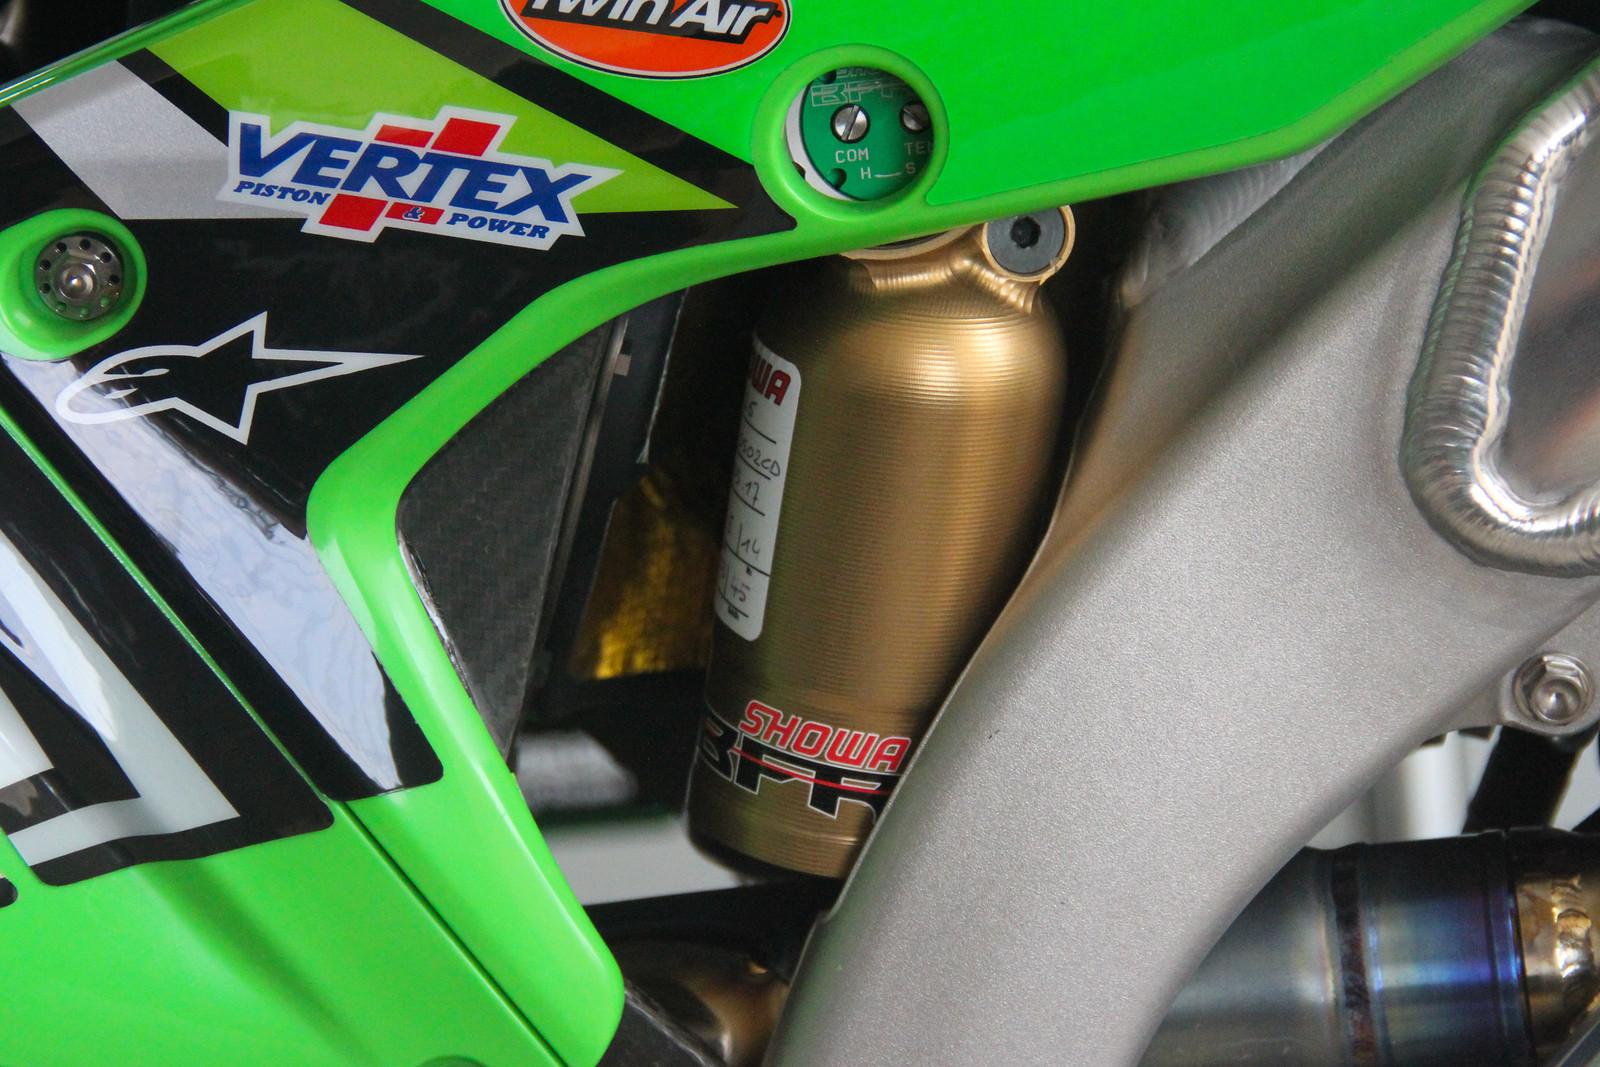 Clemente Desalle Shock - ayearinmx - Motocross Pictures - Vital MX